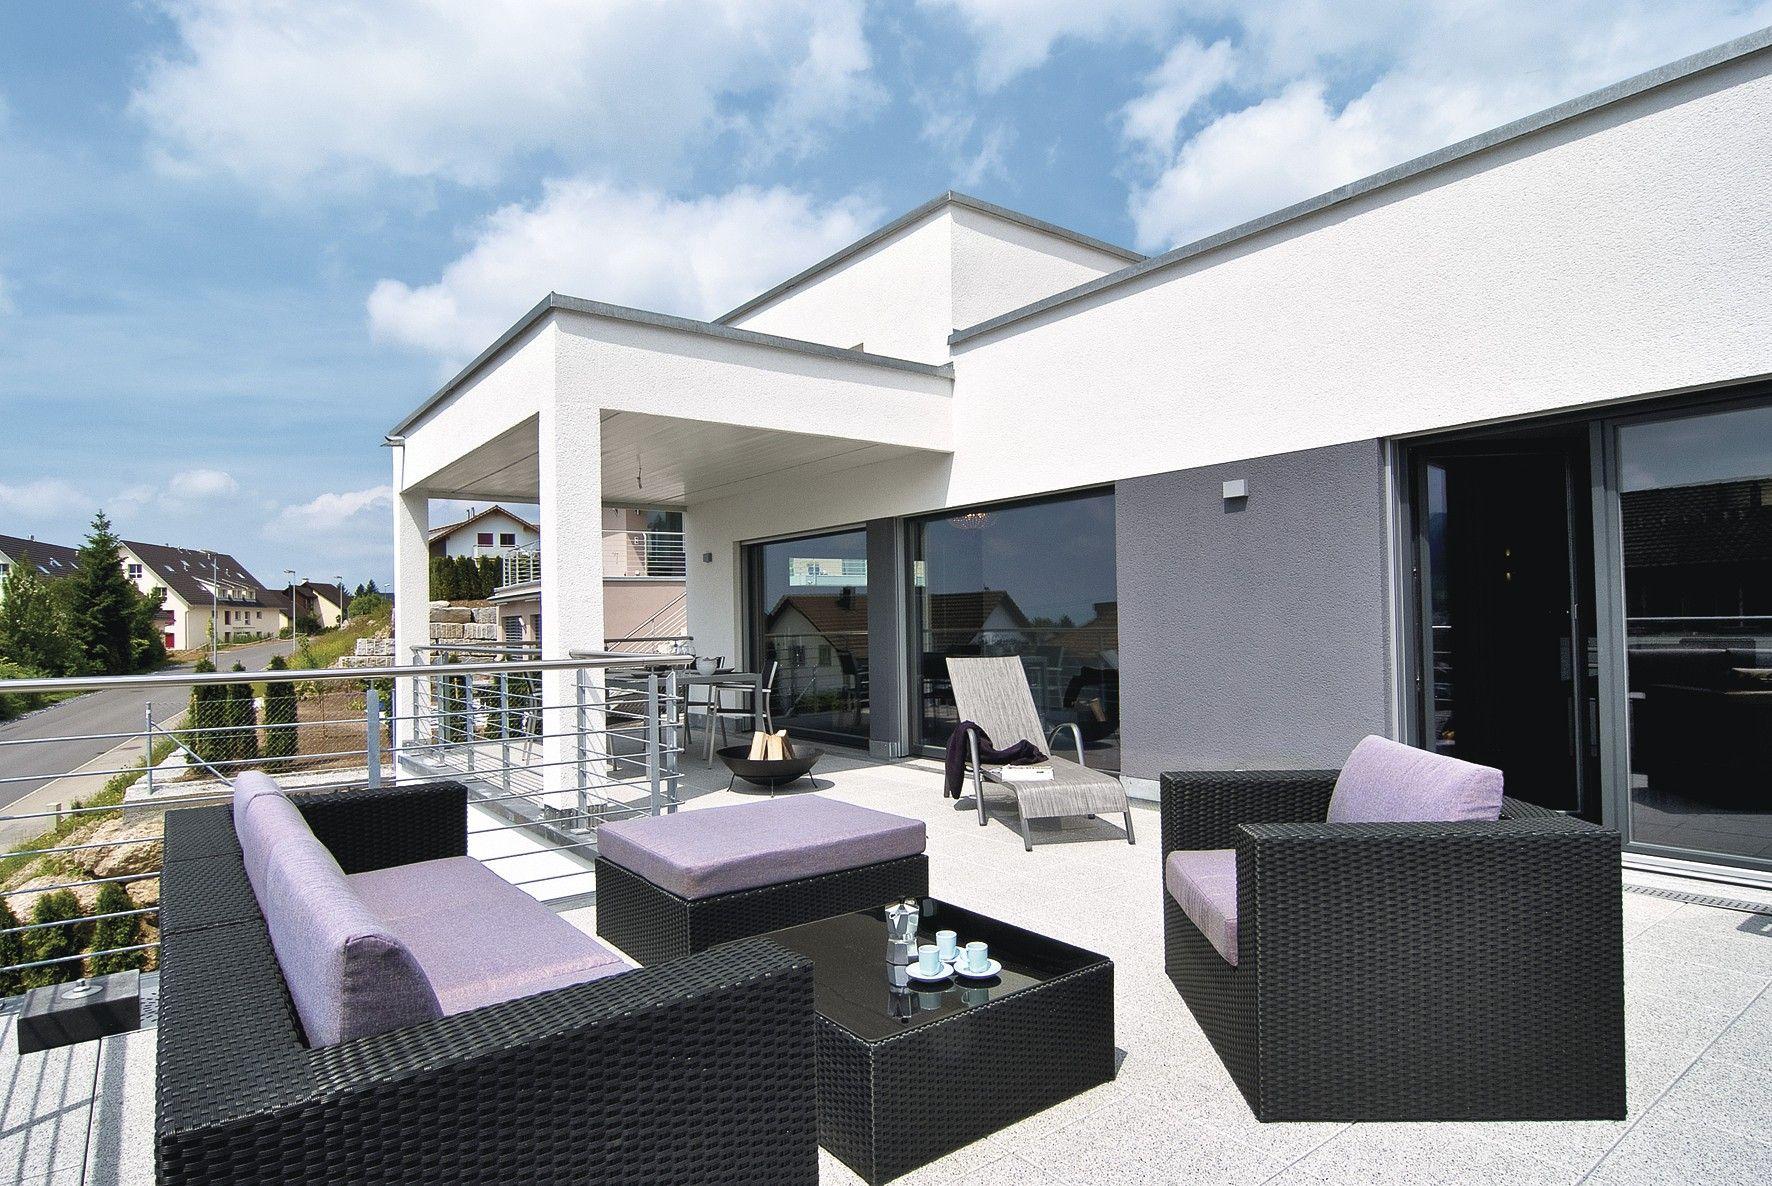 Outdoorküche Weber Haus : Outdoor küche reihenhaus baurecht küche küche aufenthaltsraum